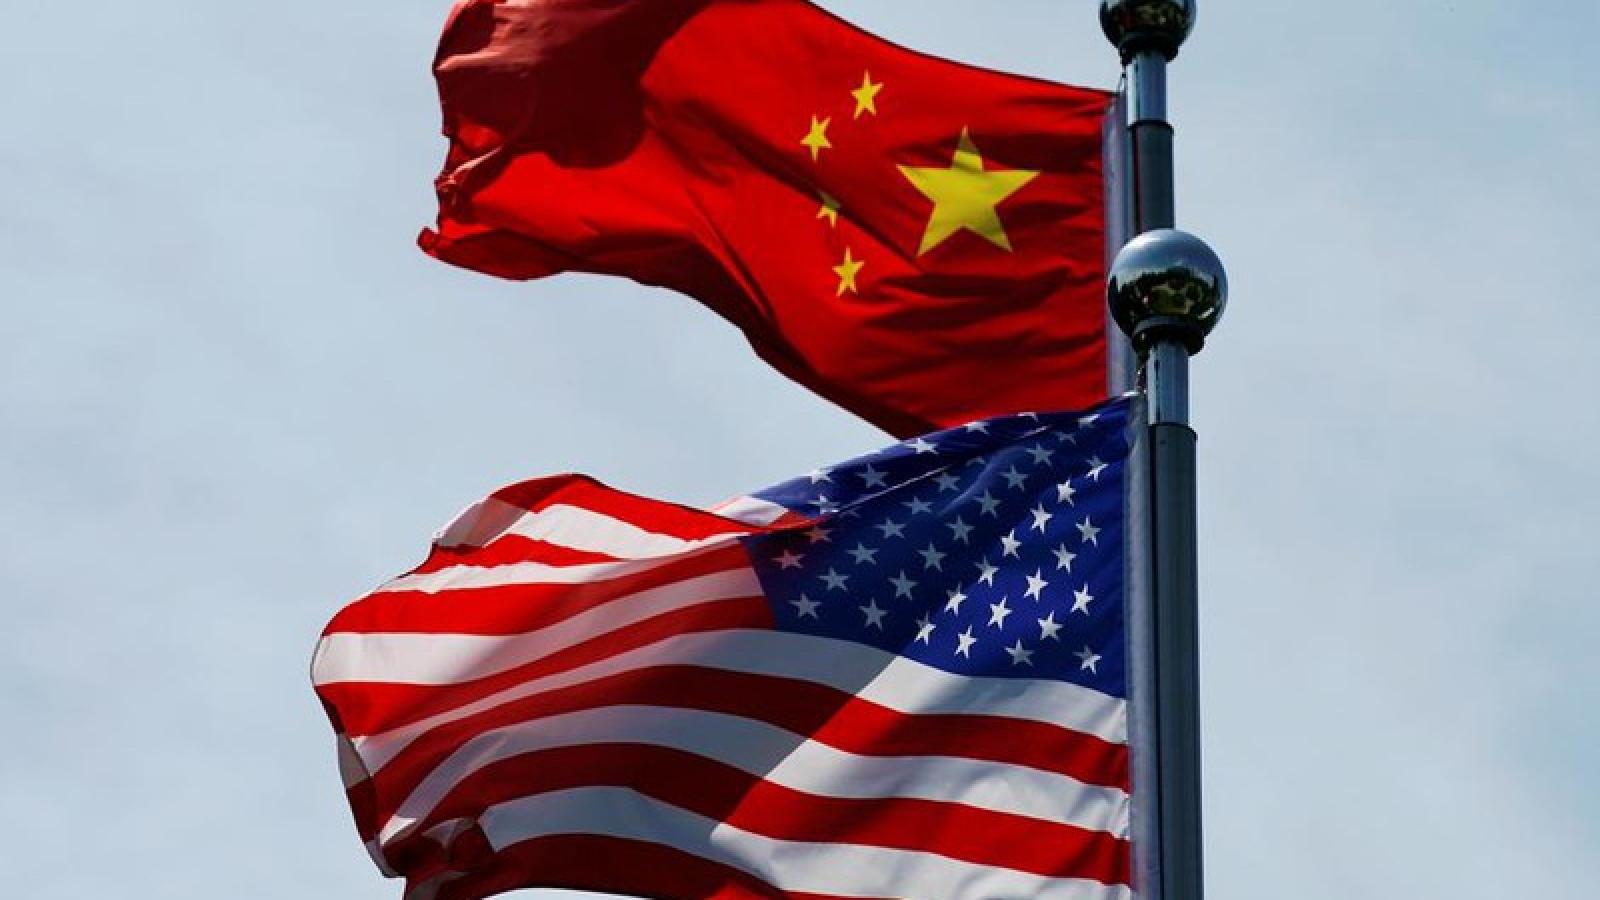 Thỏa thuận thương mại liệu còn là yếu tố ổn định trong quan hệ Mỹ-Trung?